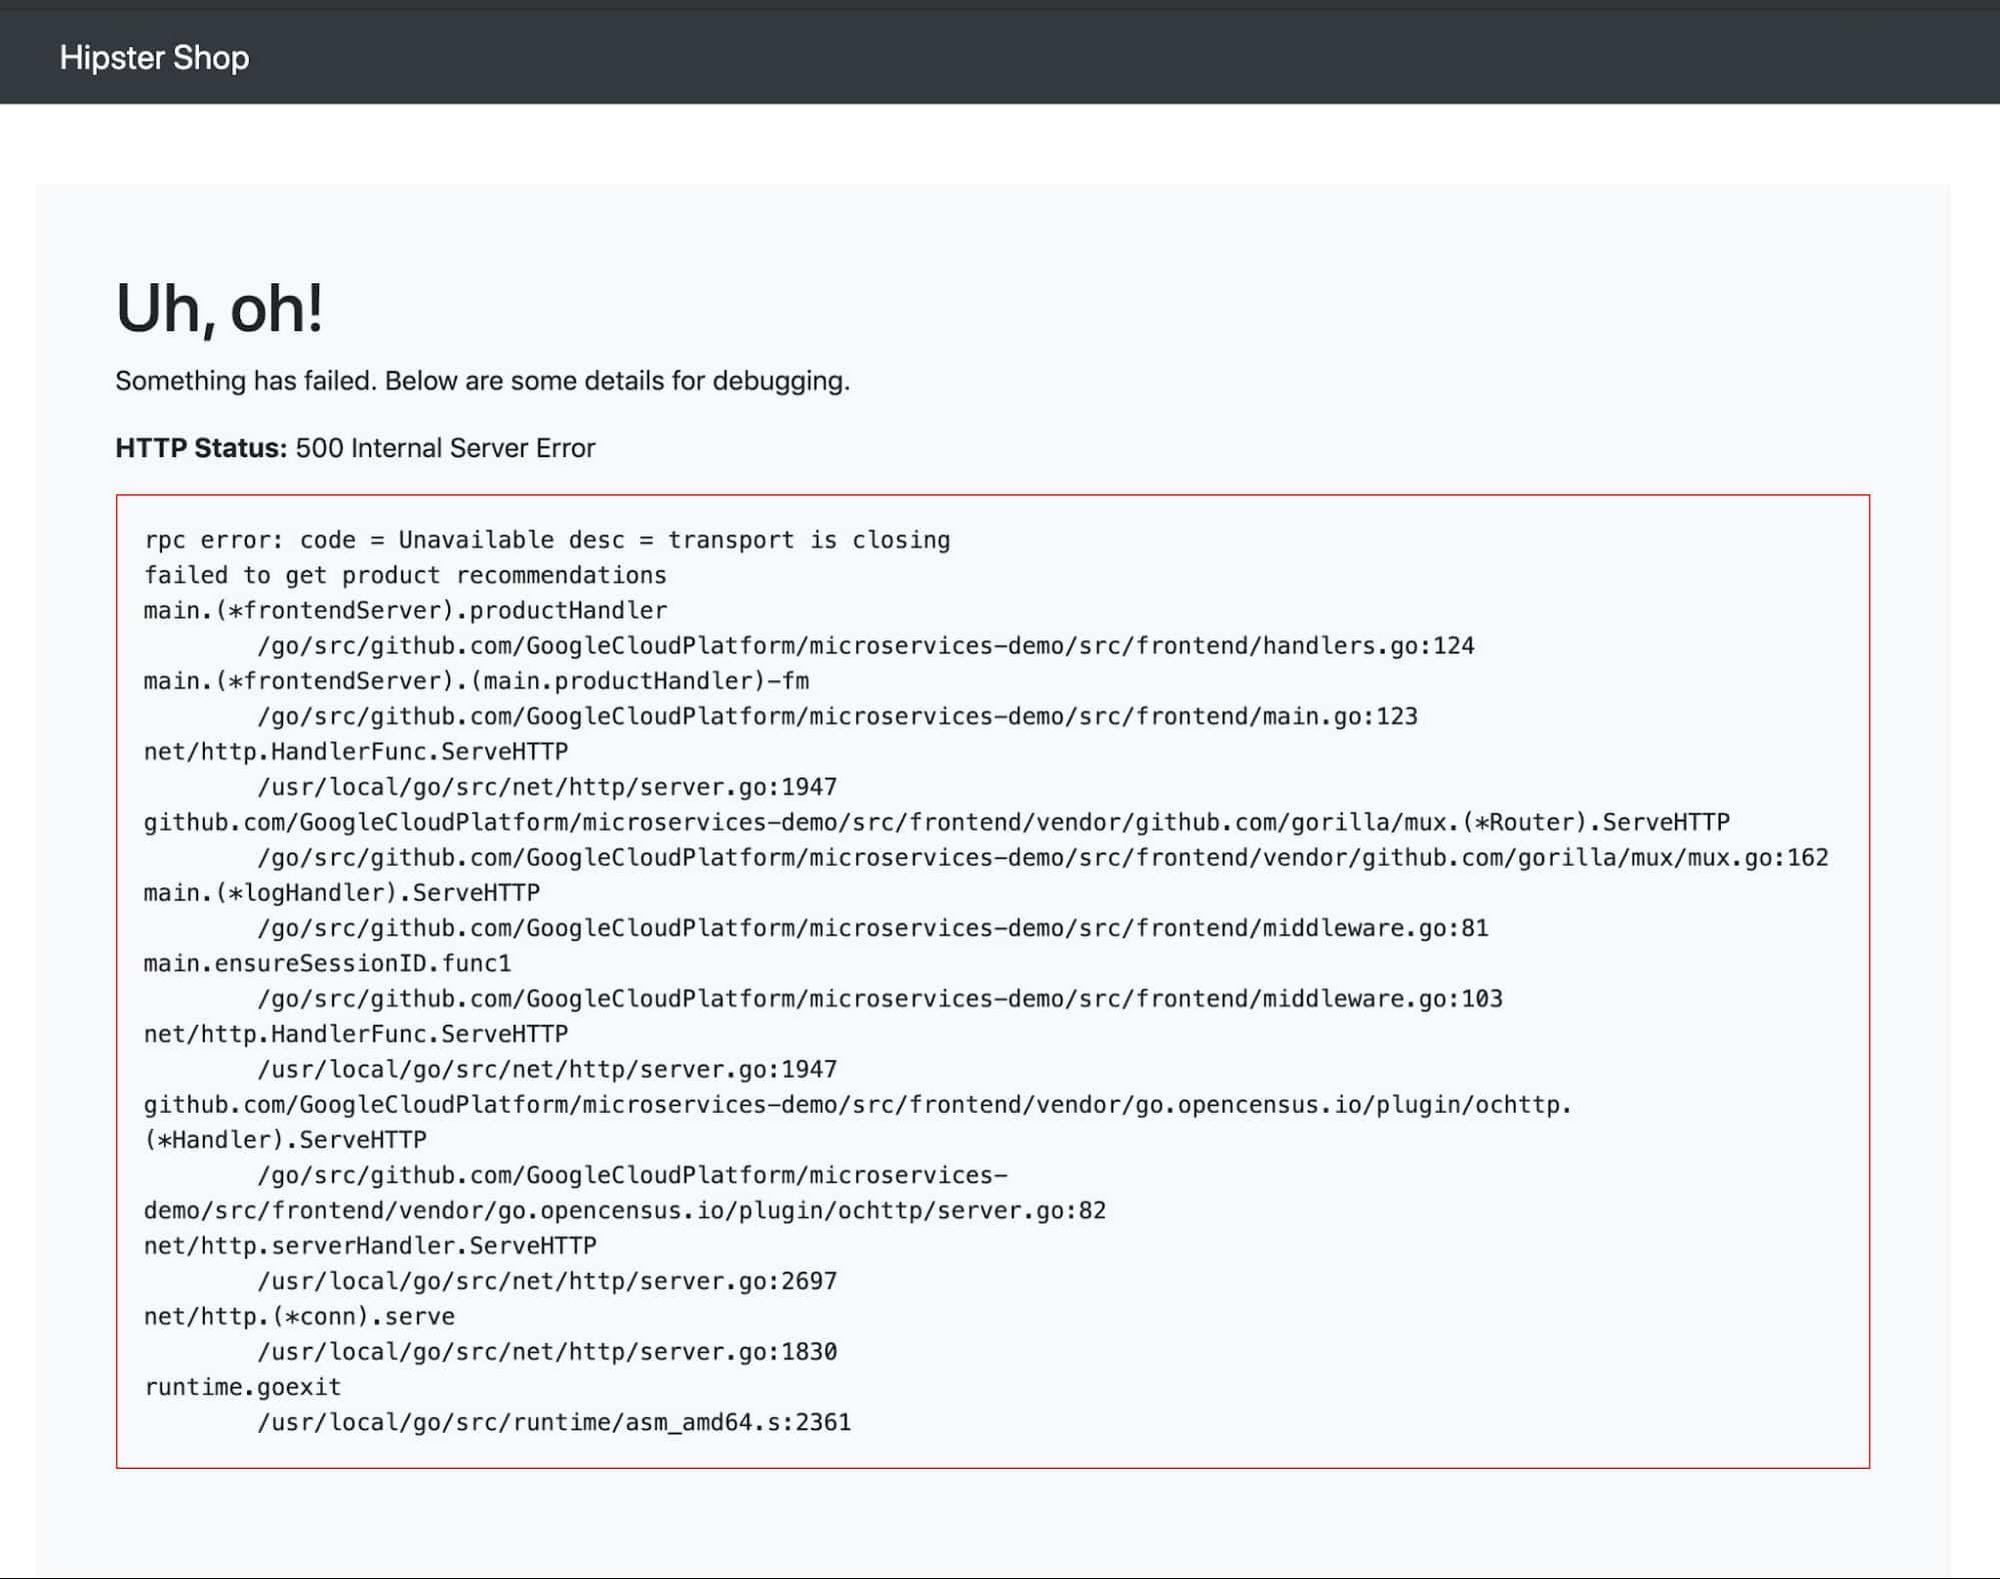 2 HTTP 500 errors.jpg